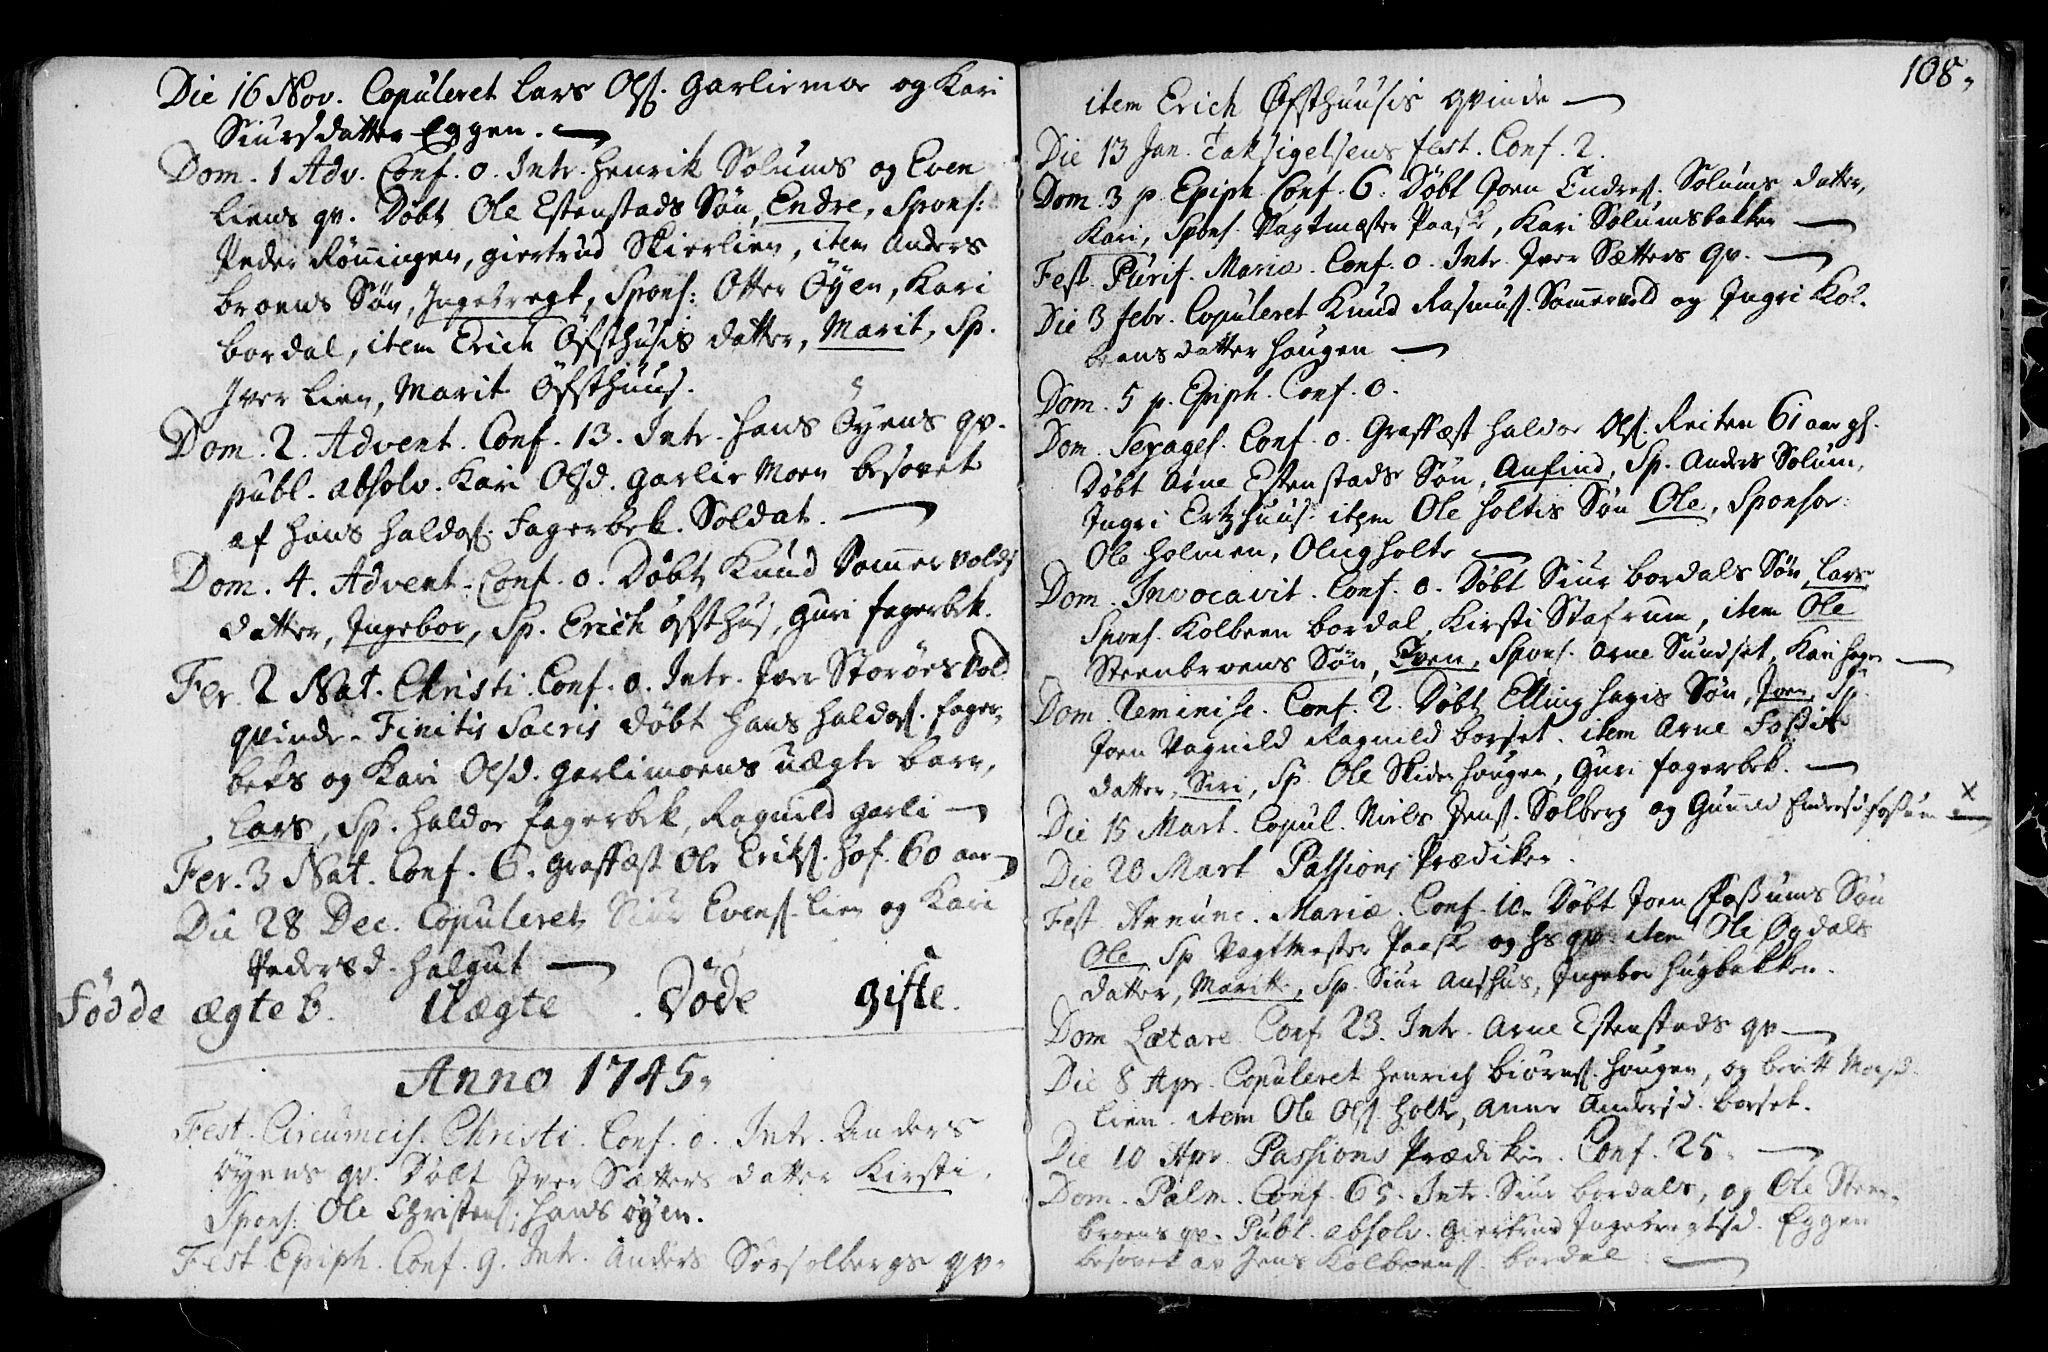 SAT, Ministerialprotokoller, klokkerbøker og fødselsregistre - Sør-Trøndelag, 689/L1036: Ministerialbok nr. 689A01, 1696-1746, s. 108